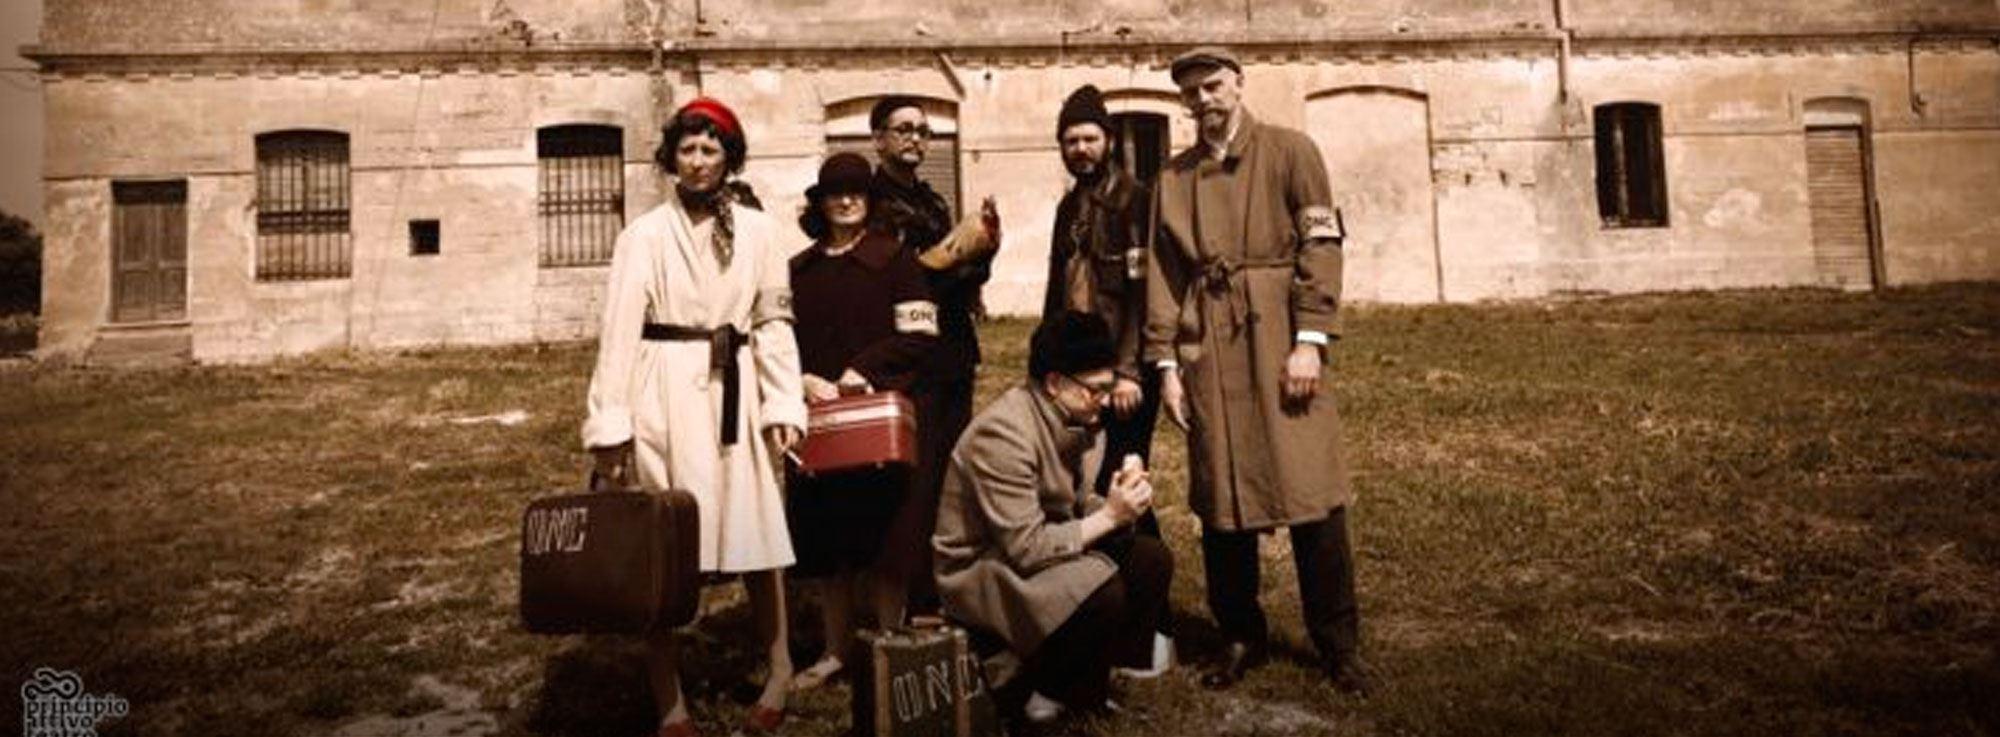 Andria: I giganti della montagna atto III